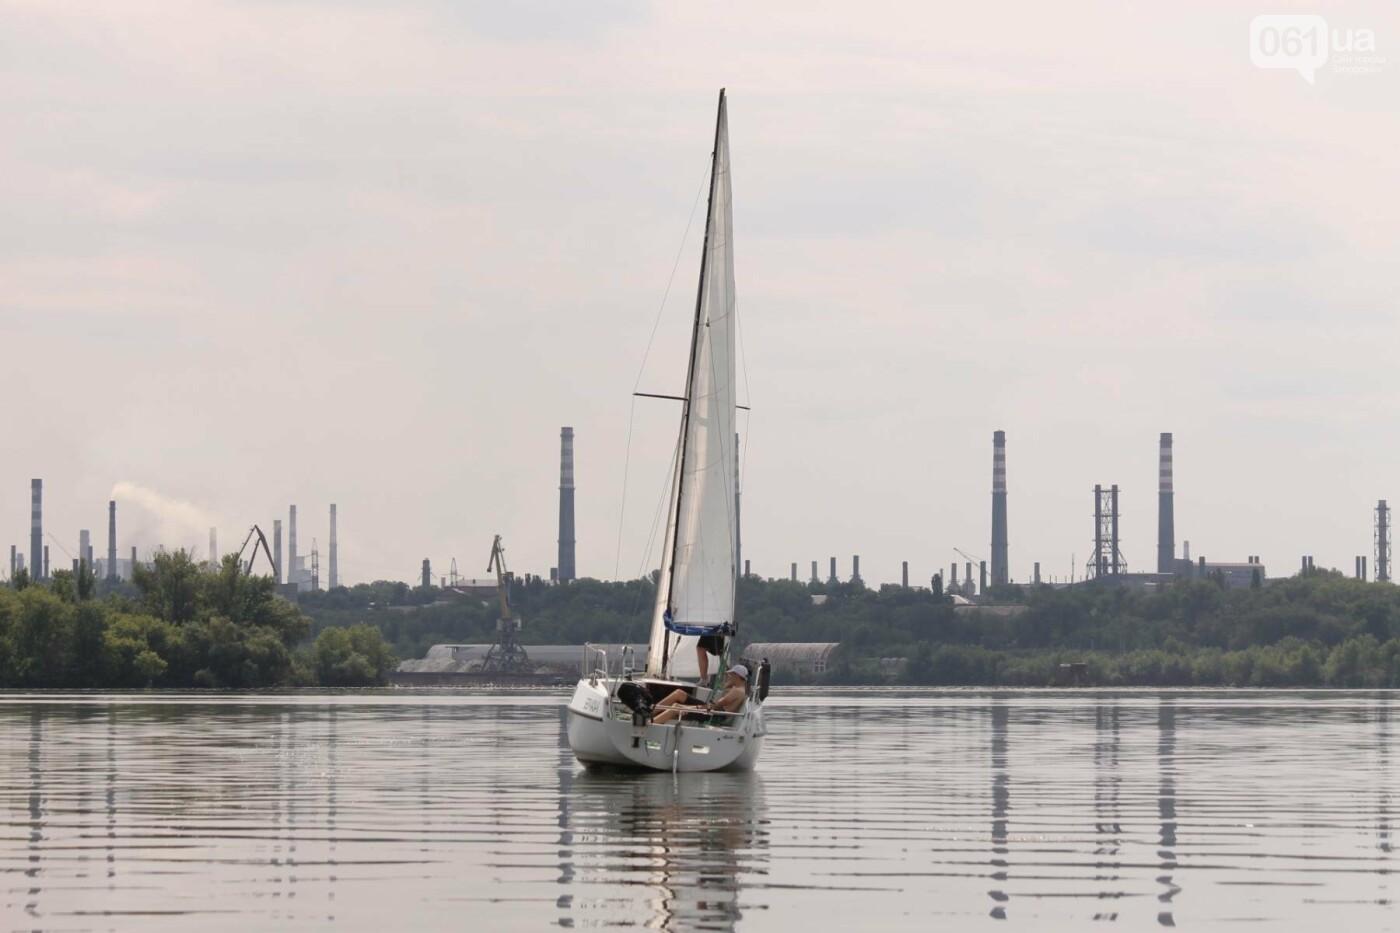 Сотни спортсменов и десятки яхт: как в Запорожье проходит парусная регата, – ФОТОРЕПОРТАЖ, фото-34